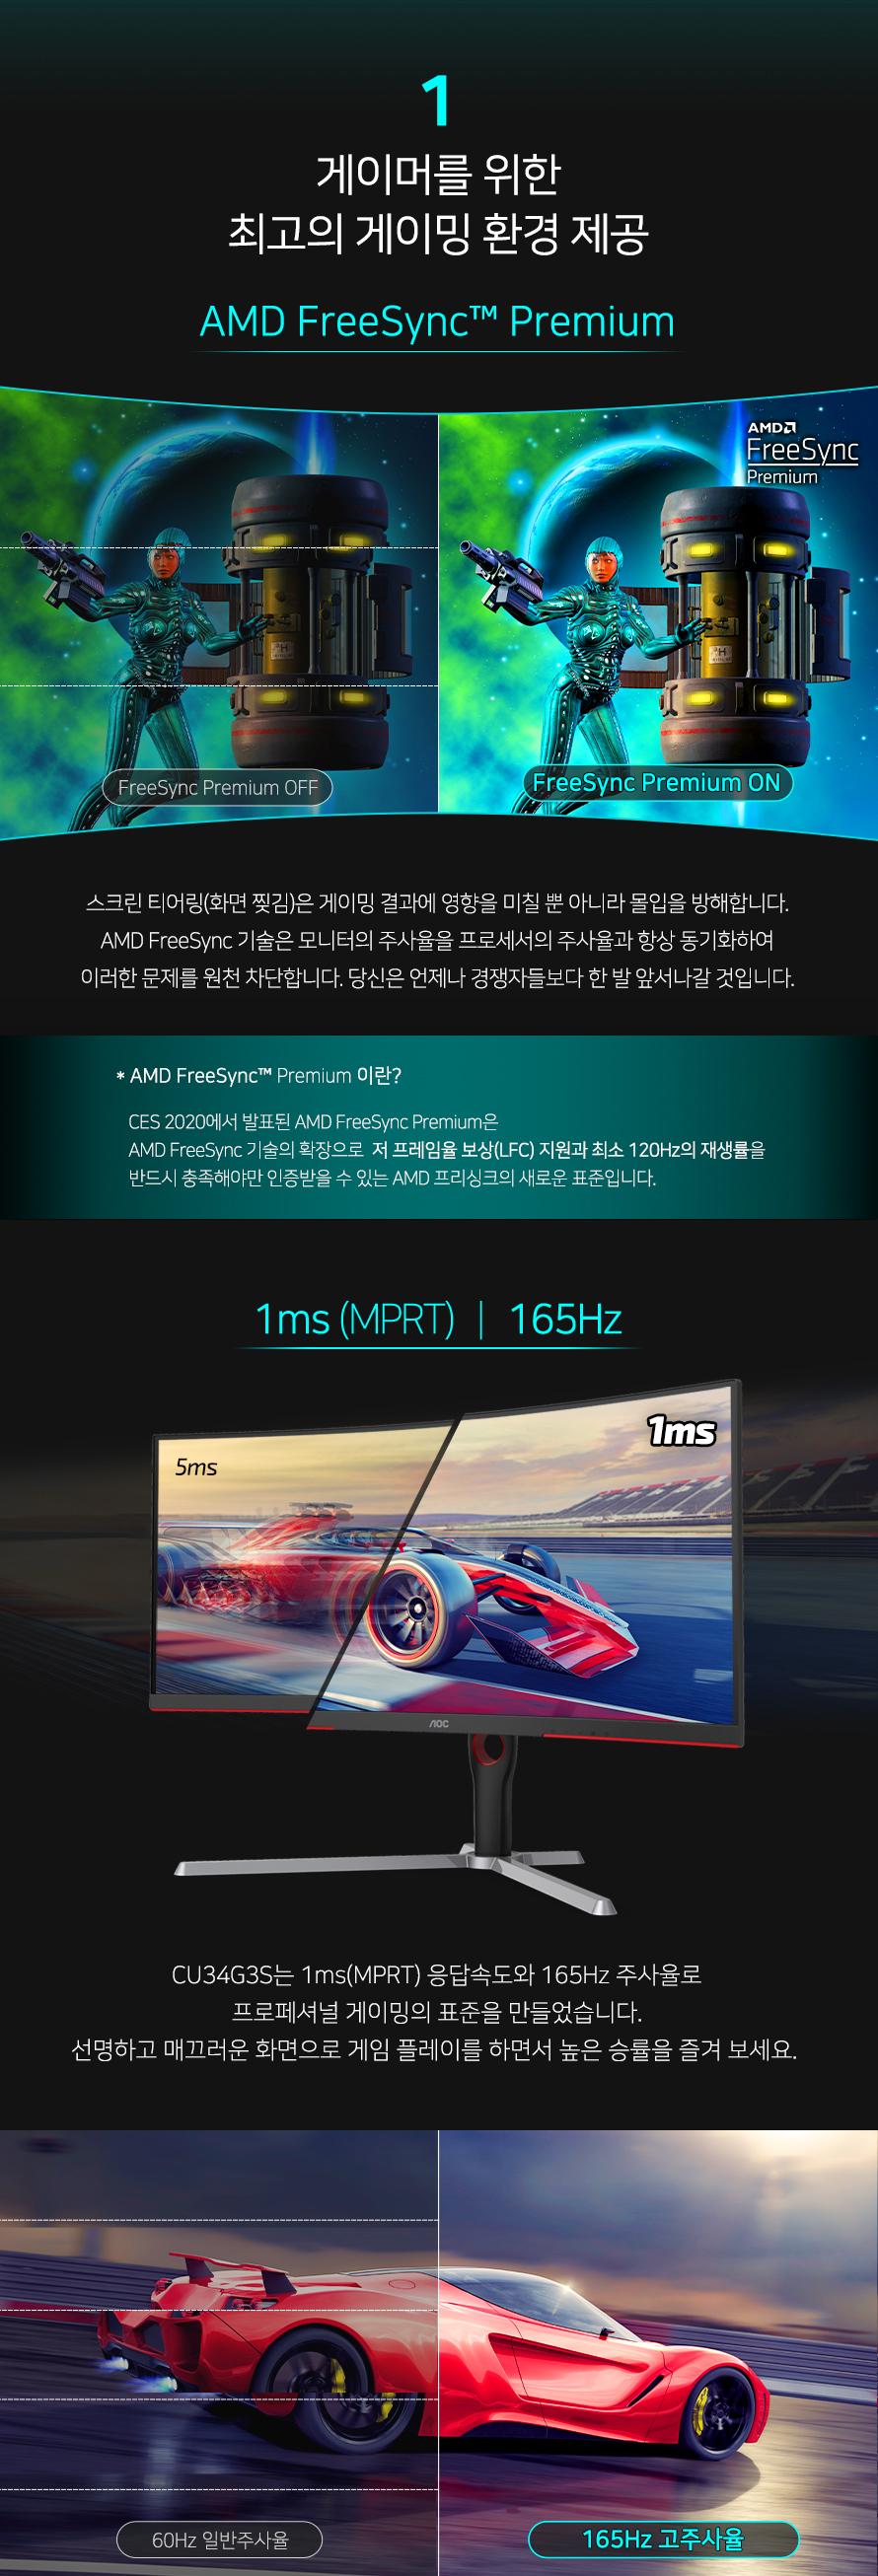 알파스캔 AOC CU34G3S 게이밍 165 울트라와이드 WQHD 프리싱크 HDR 무결점